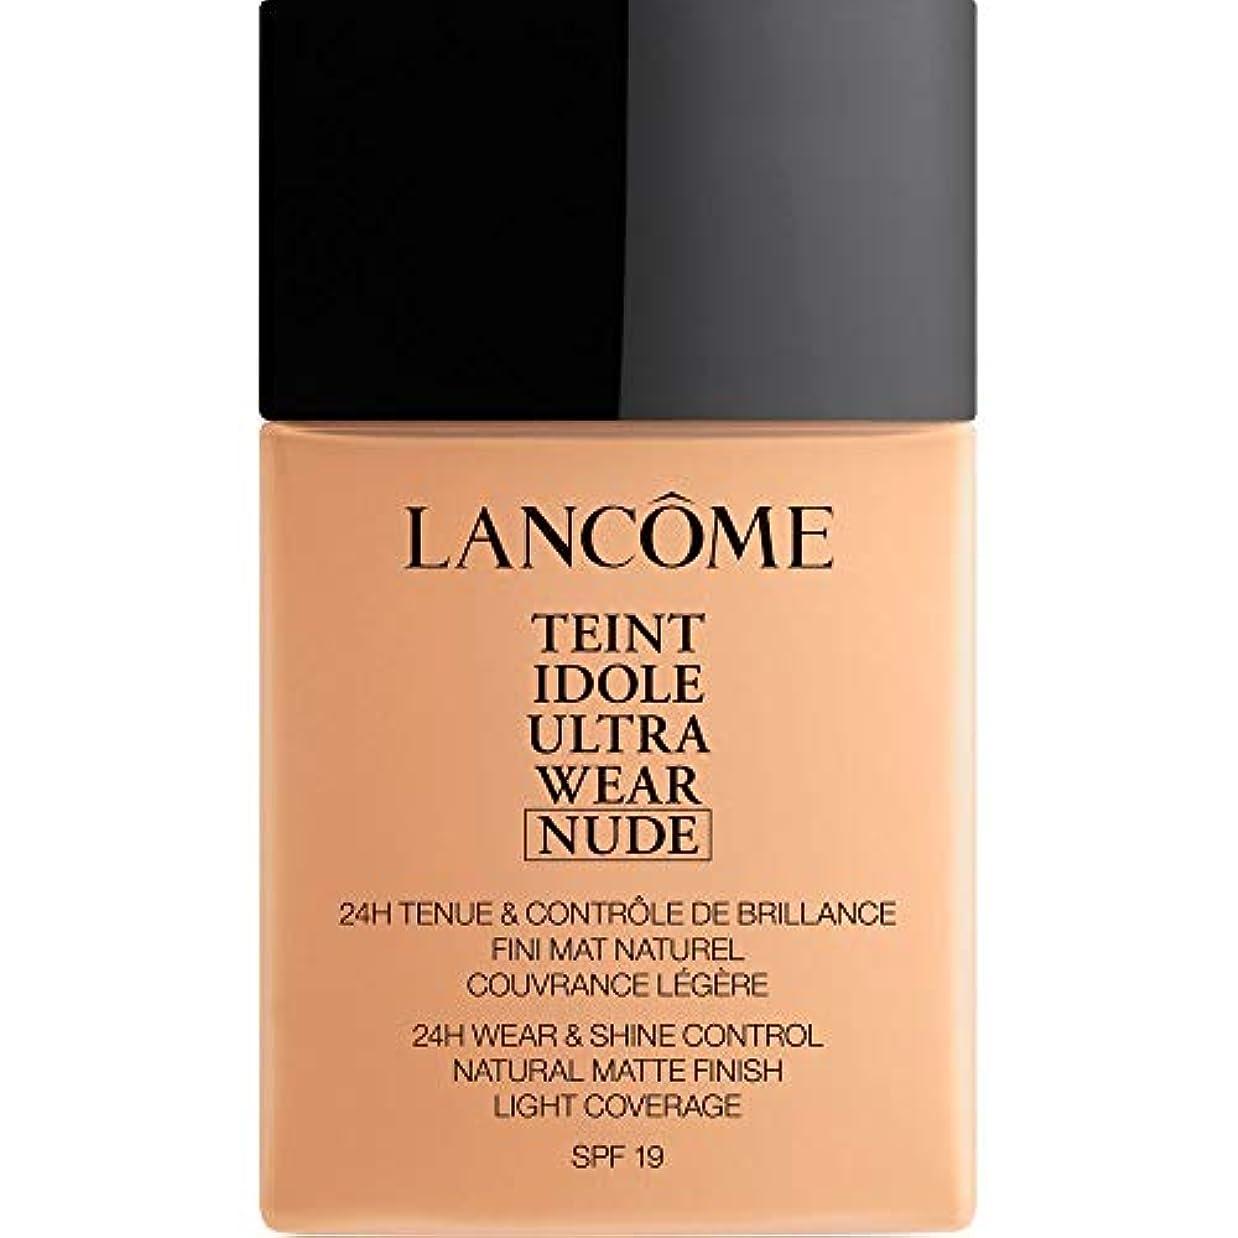 ルネッサンス経済的同一性[Lanc?me ] ランコムTeintのIdole超摩耗ヌード財団Spf19の40ミリリットル032 - ベージュCendre - Lancome Teint Idole Ultra Wear Nude Foundation...